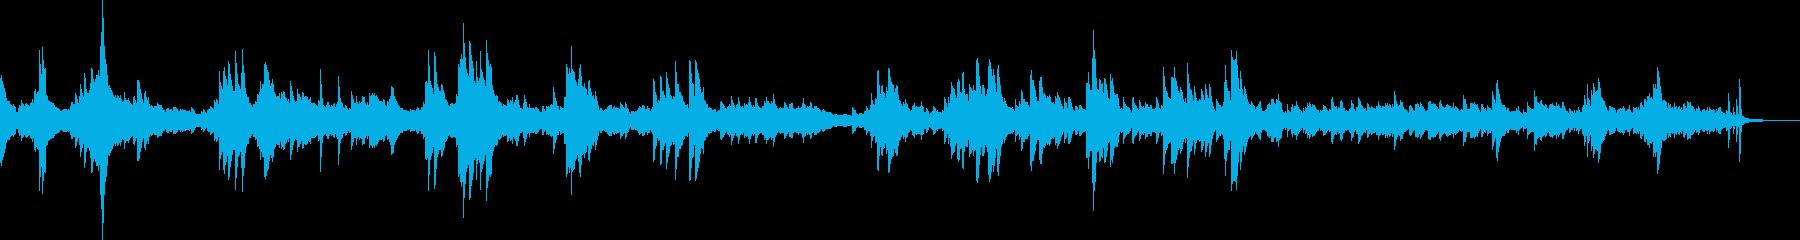 絶望(ピアノ・暗い・重厚感・悲しい)の再生済みの波形